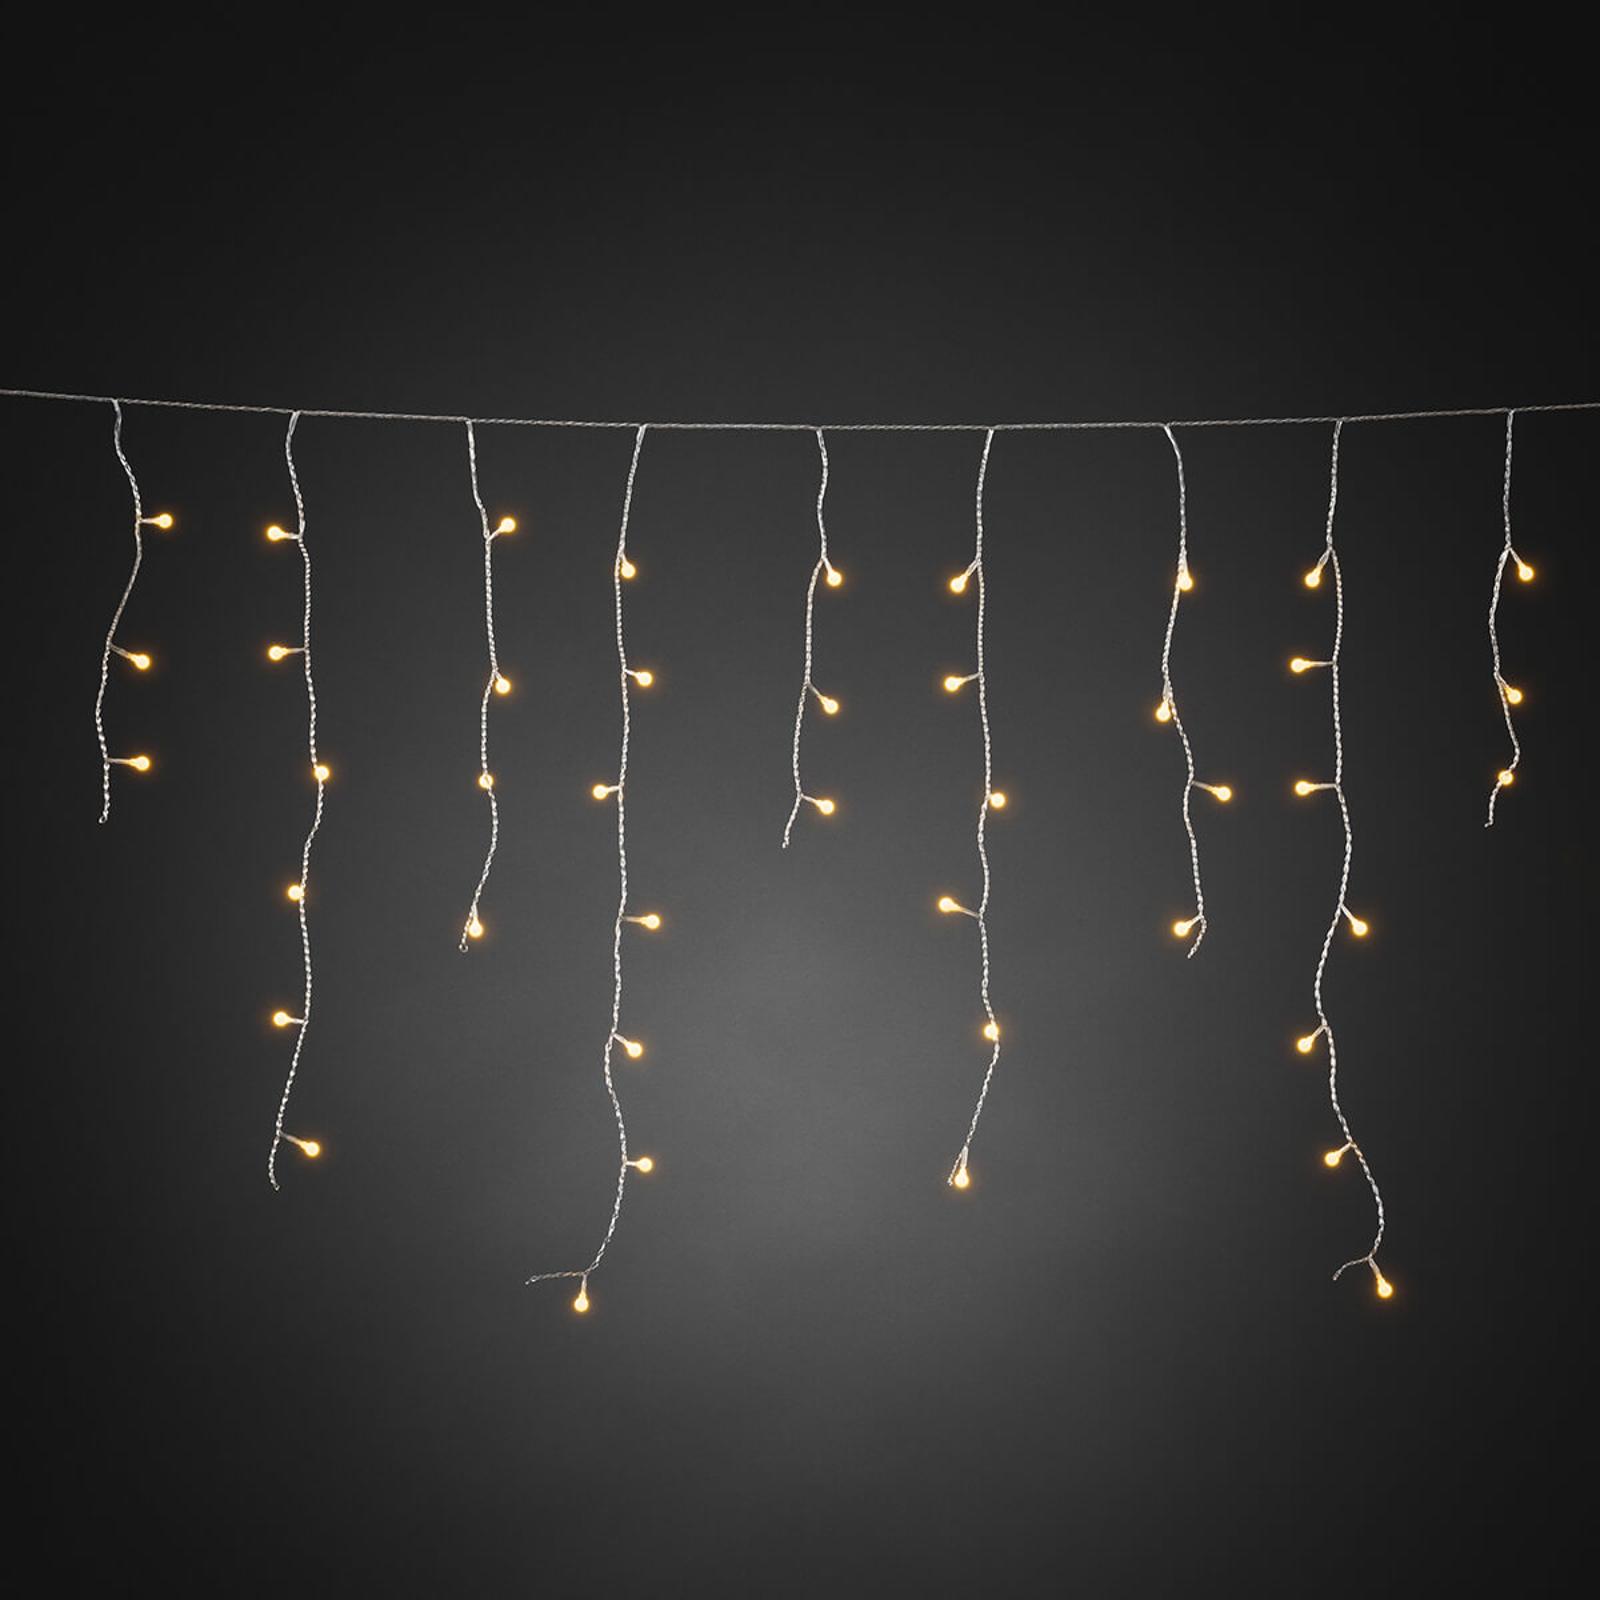 LED-Lichtervorhang Eisregen bernstein transp. 10m kaufen